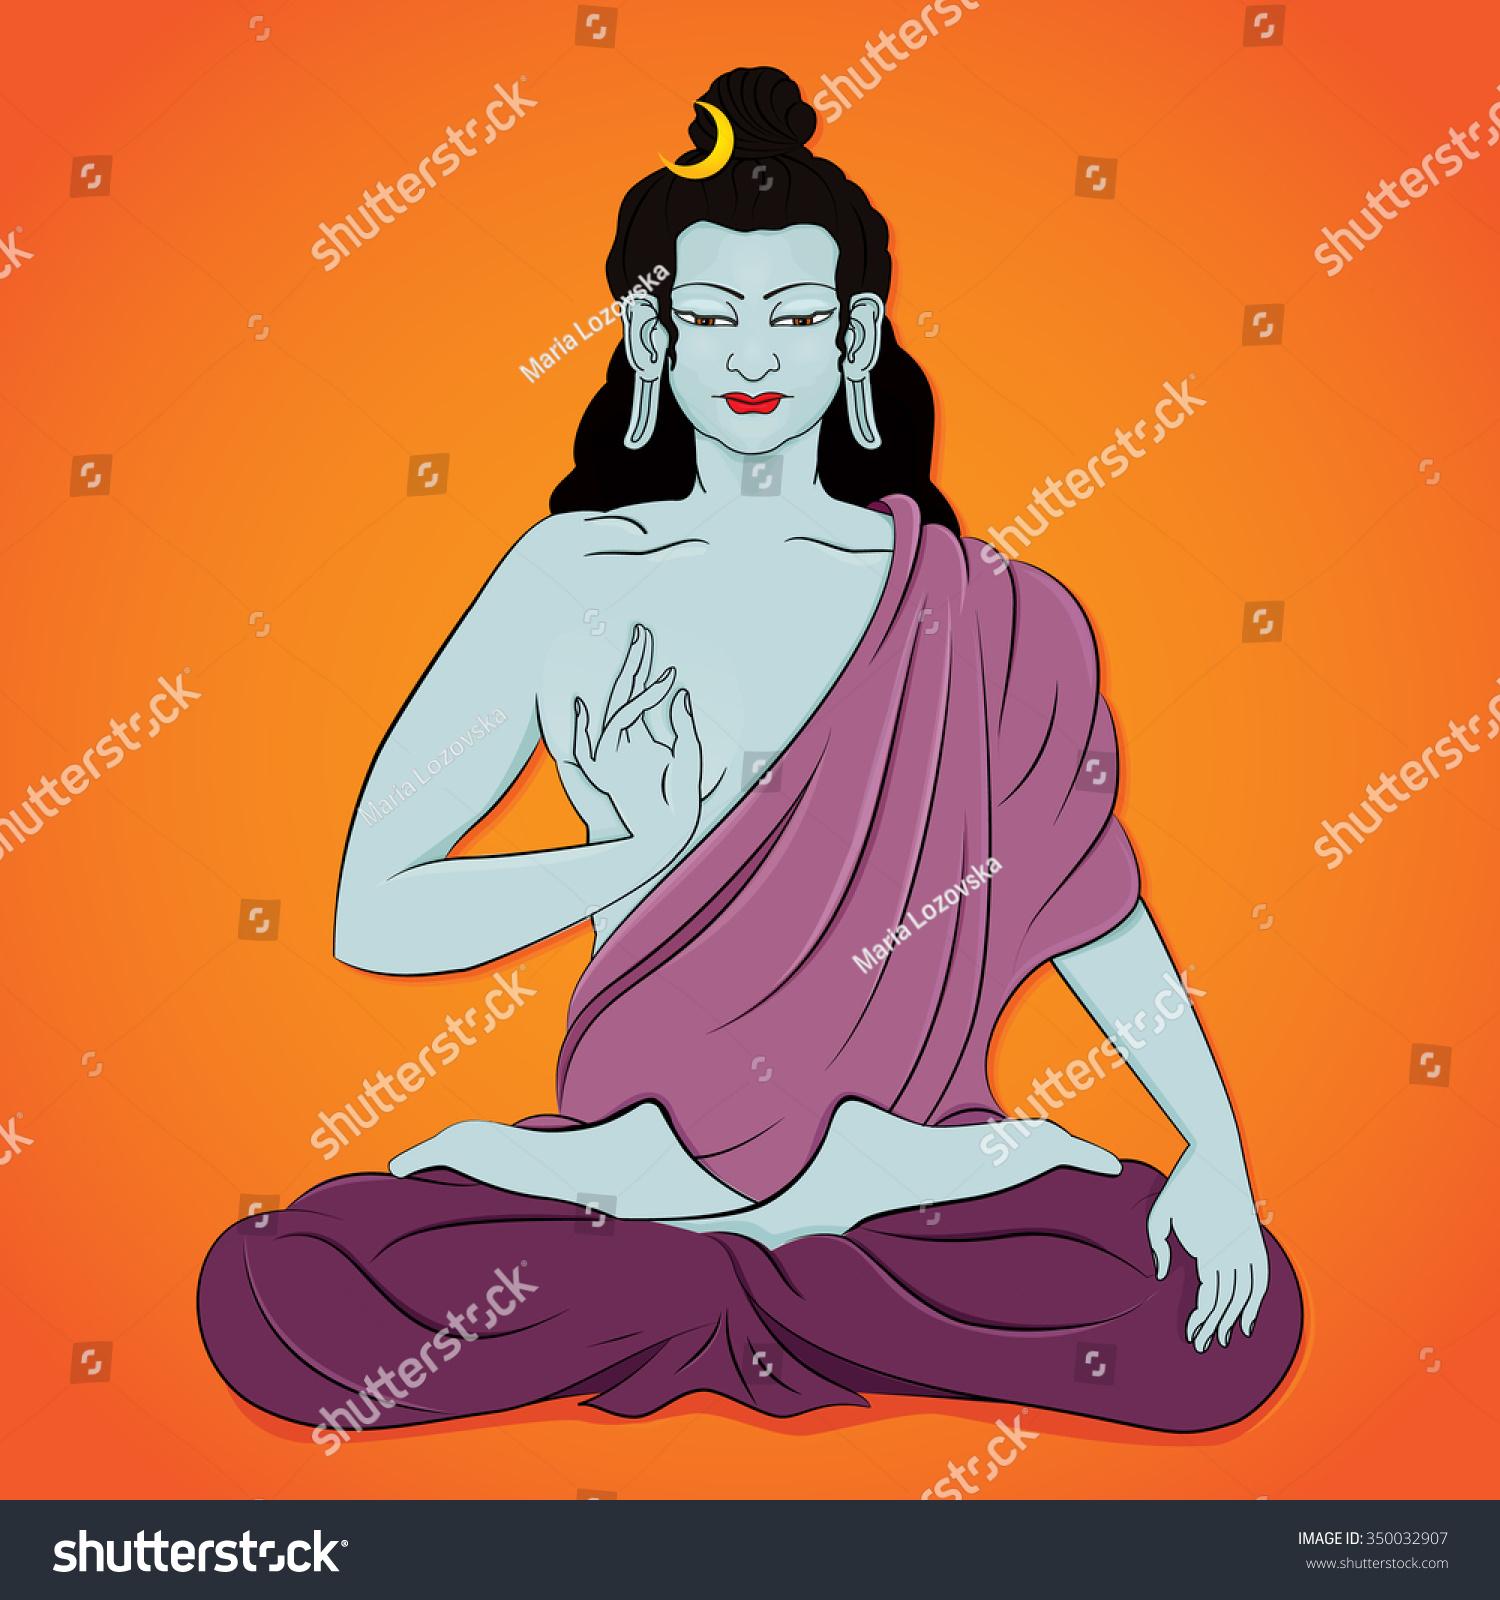 Hindu God Shiva Sitting Lotus Pose Stock Vector 350032907 ...